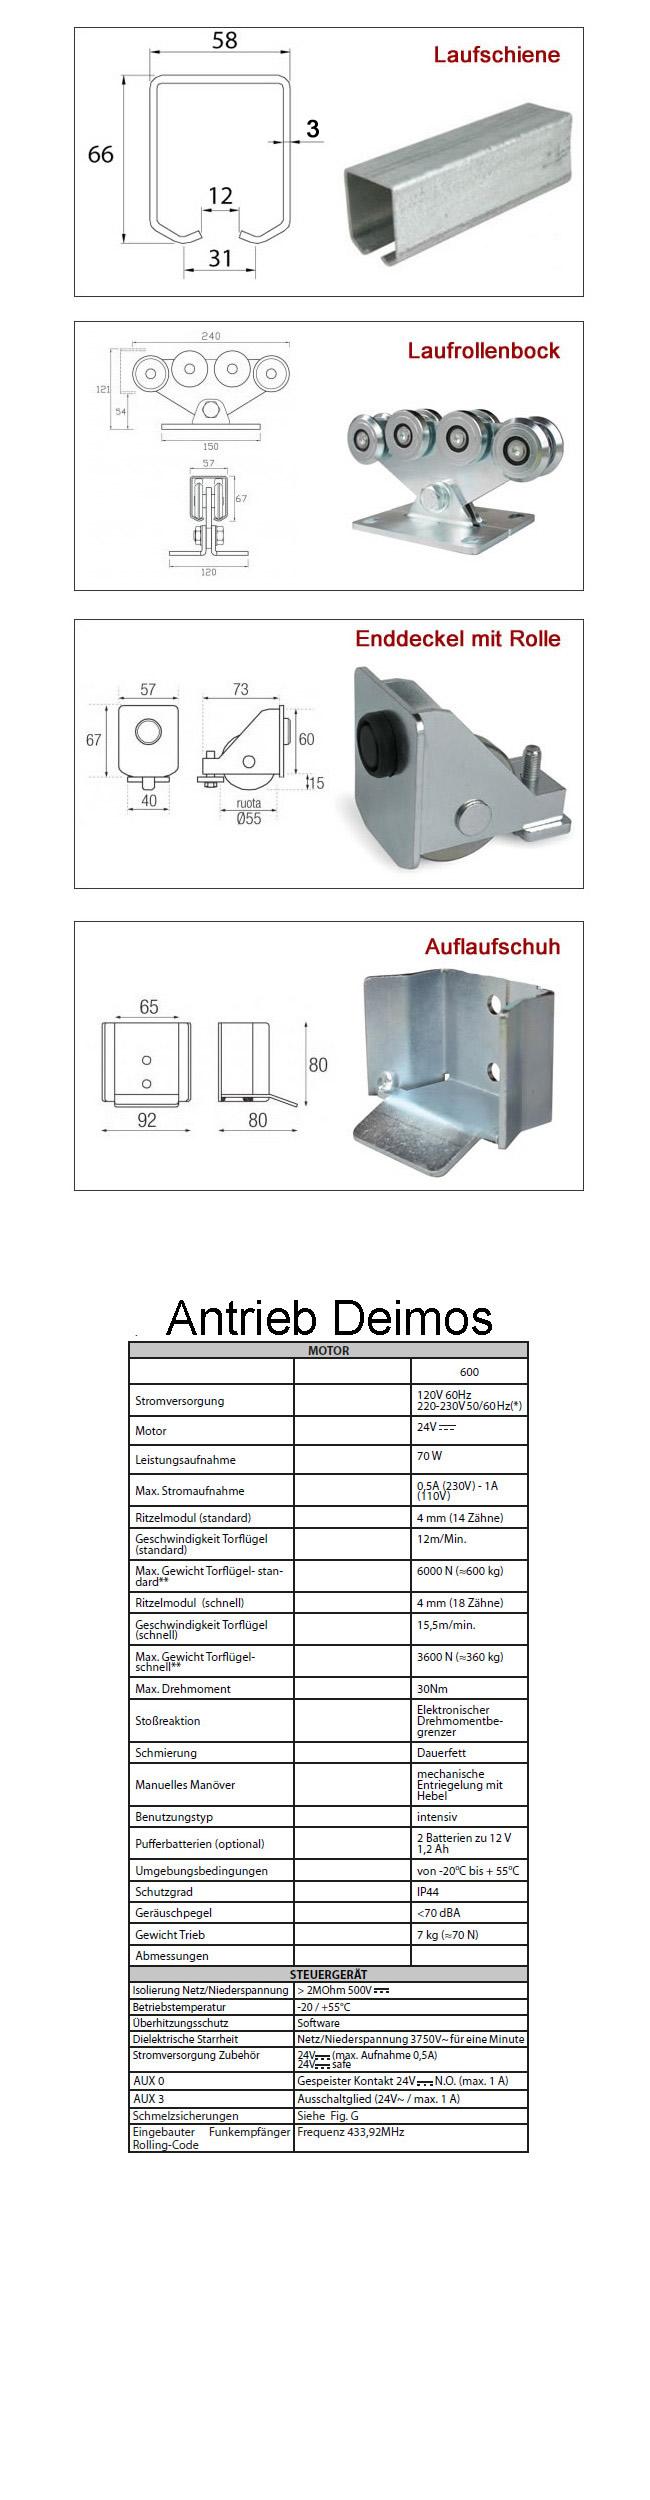 elektrische schiebetore freitragend manuelle und elektrische schiebetore f r privat und gewerbe. Black Bedroom Furniture Sets. Home Design Ideas